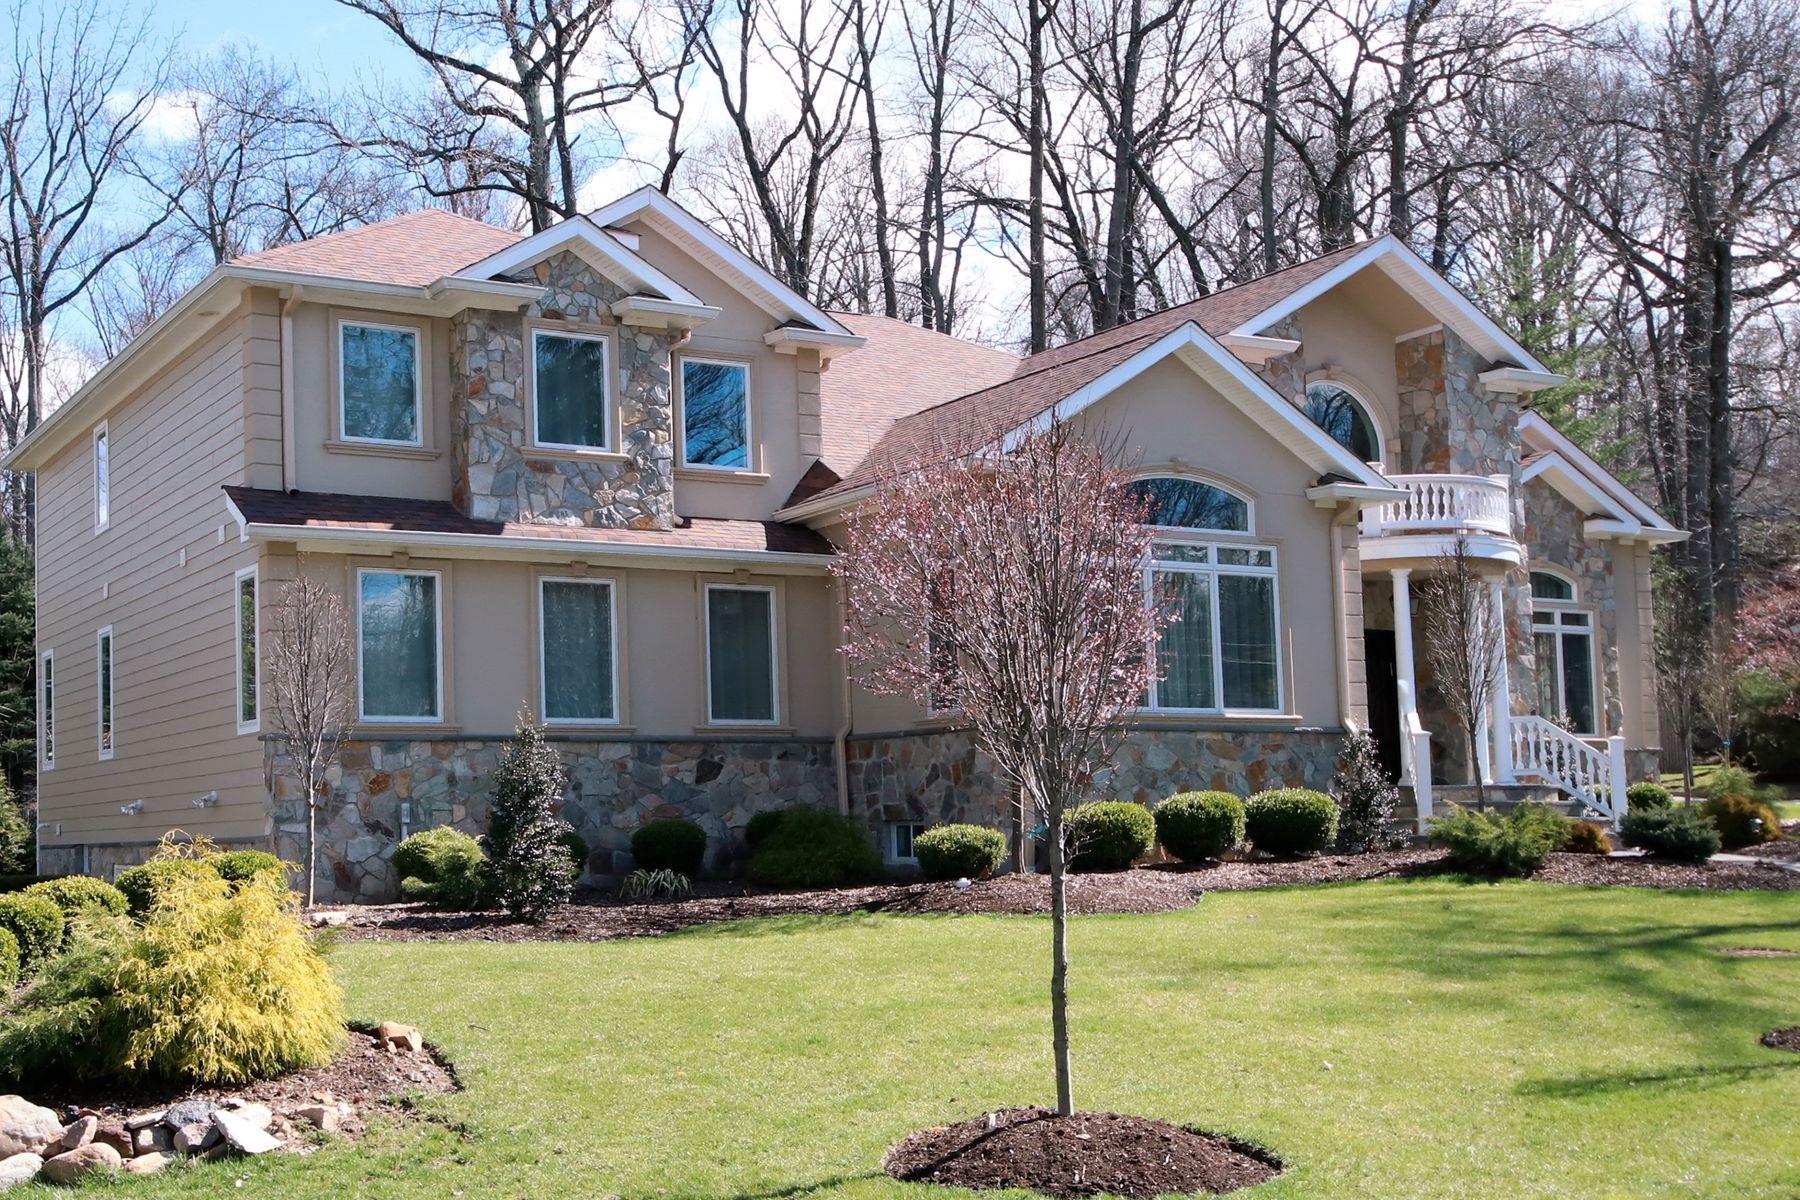 Частный односемейный дом для того Продажа на 11 Cypress Street Tenafly, Нью-Джерси 07670 Соединенные Штаты